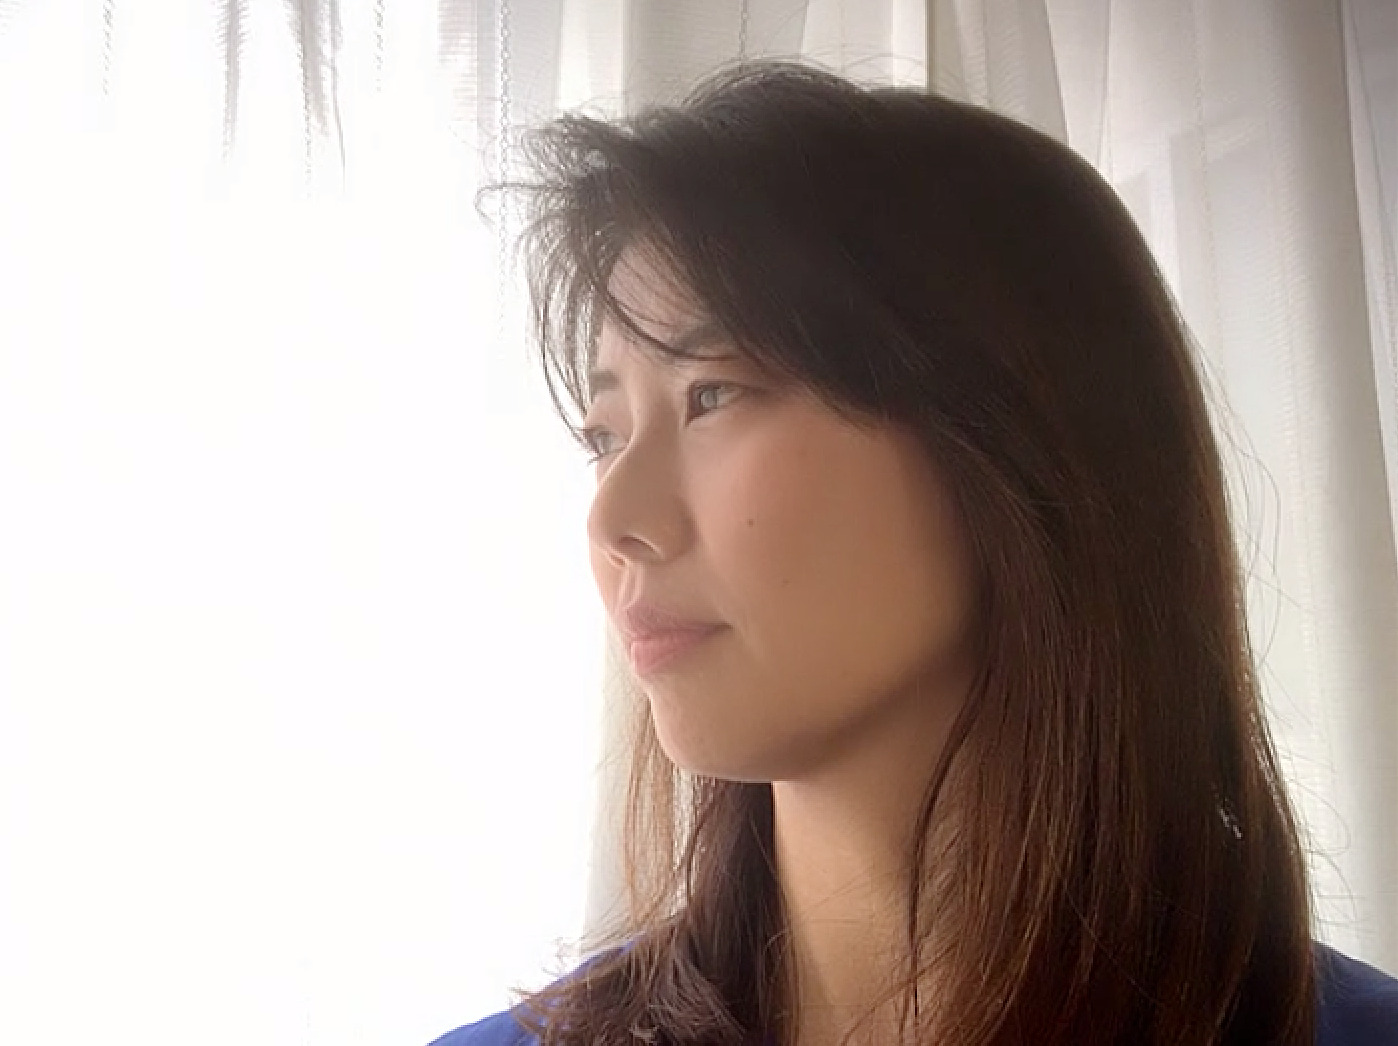 窓際の女性の横顔